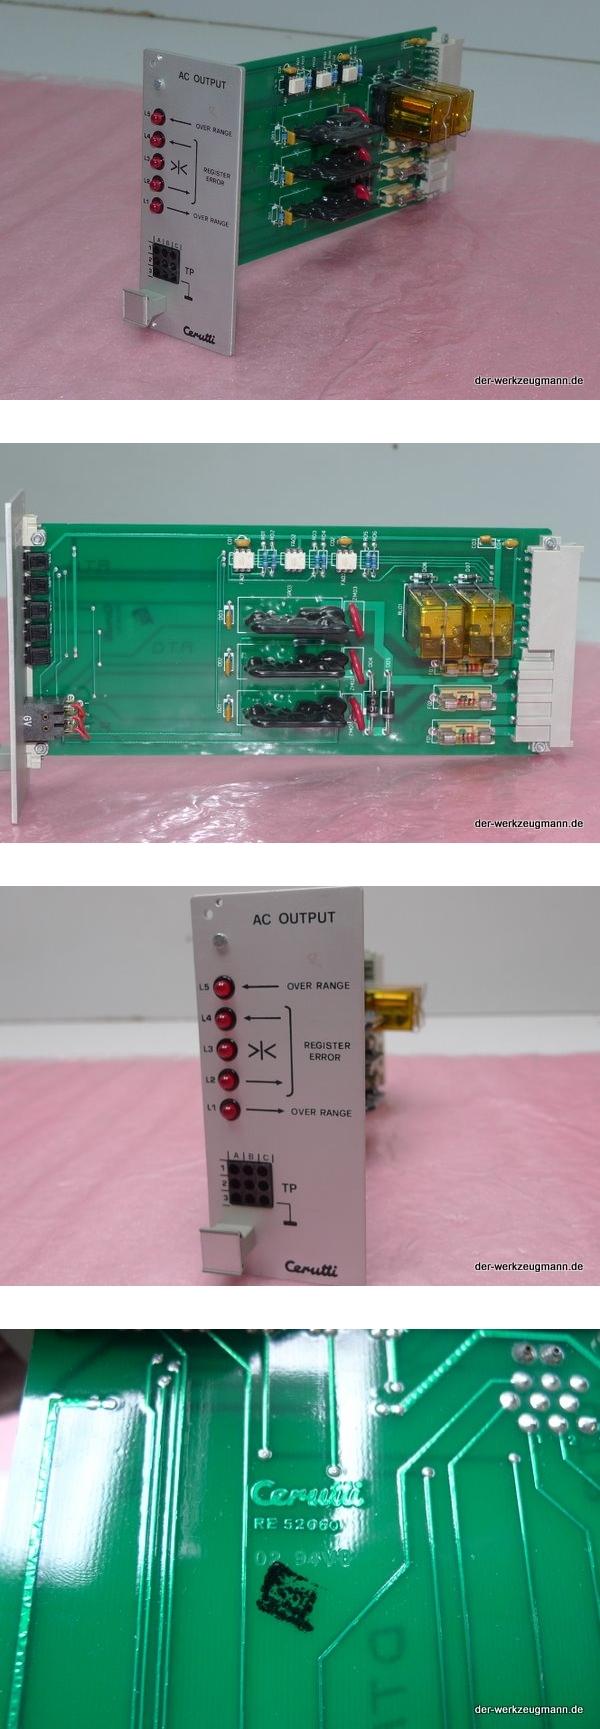 Cerutti RE-52060 AC Output